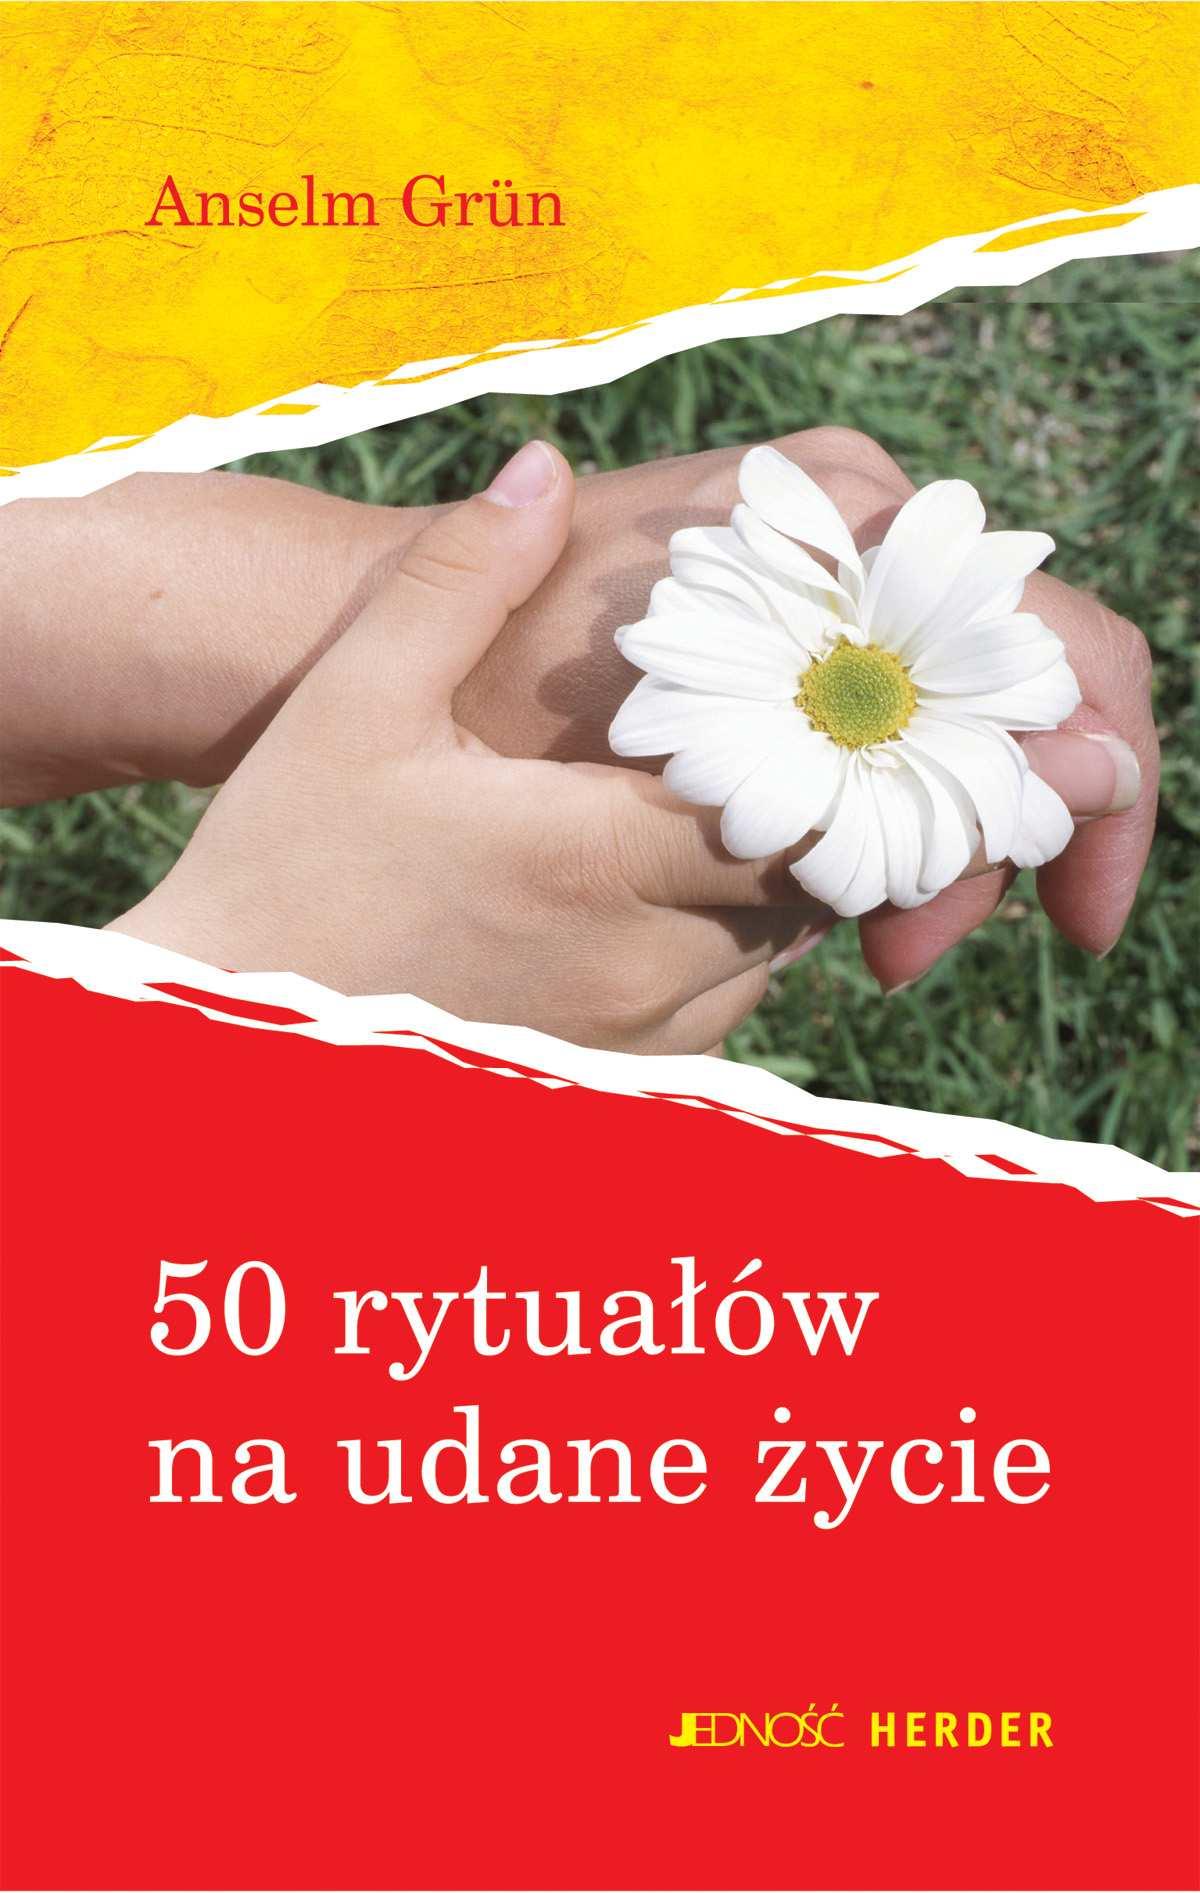 50 rytuałów na udane życie - Ebook (Książka na Kindle) do pobrania w formacie MOBI